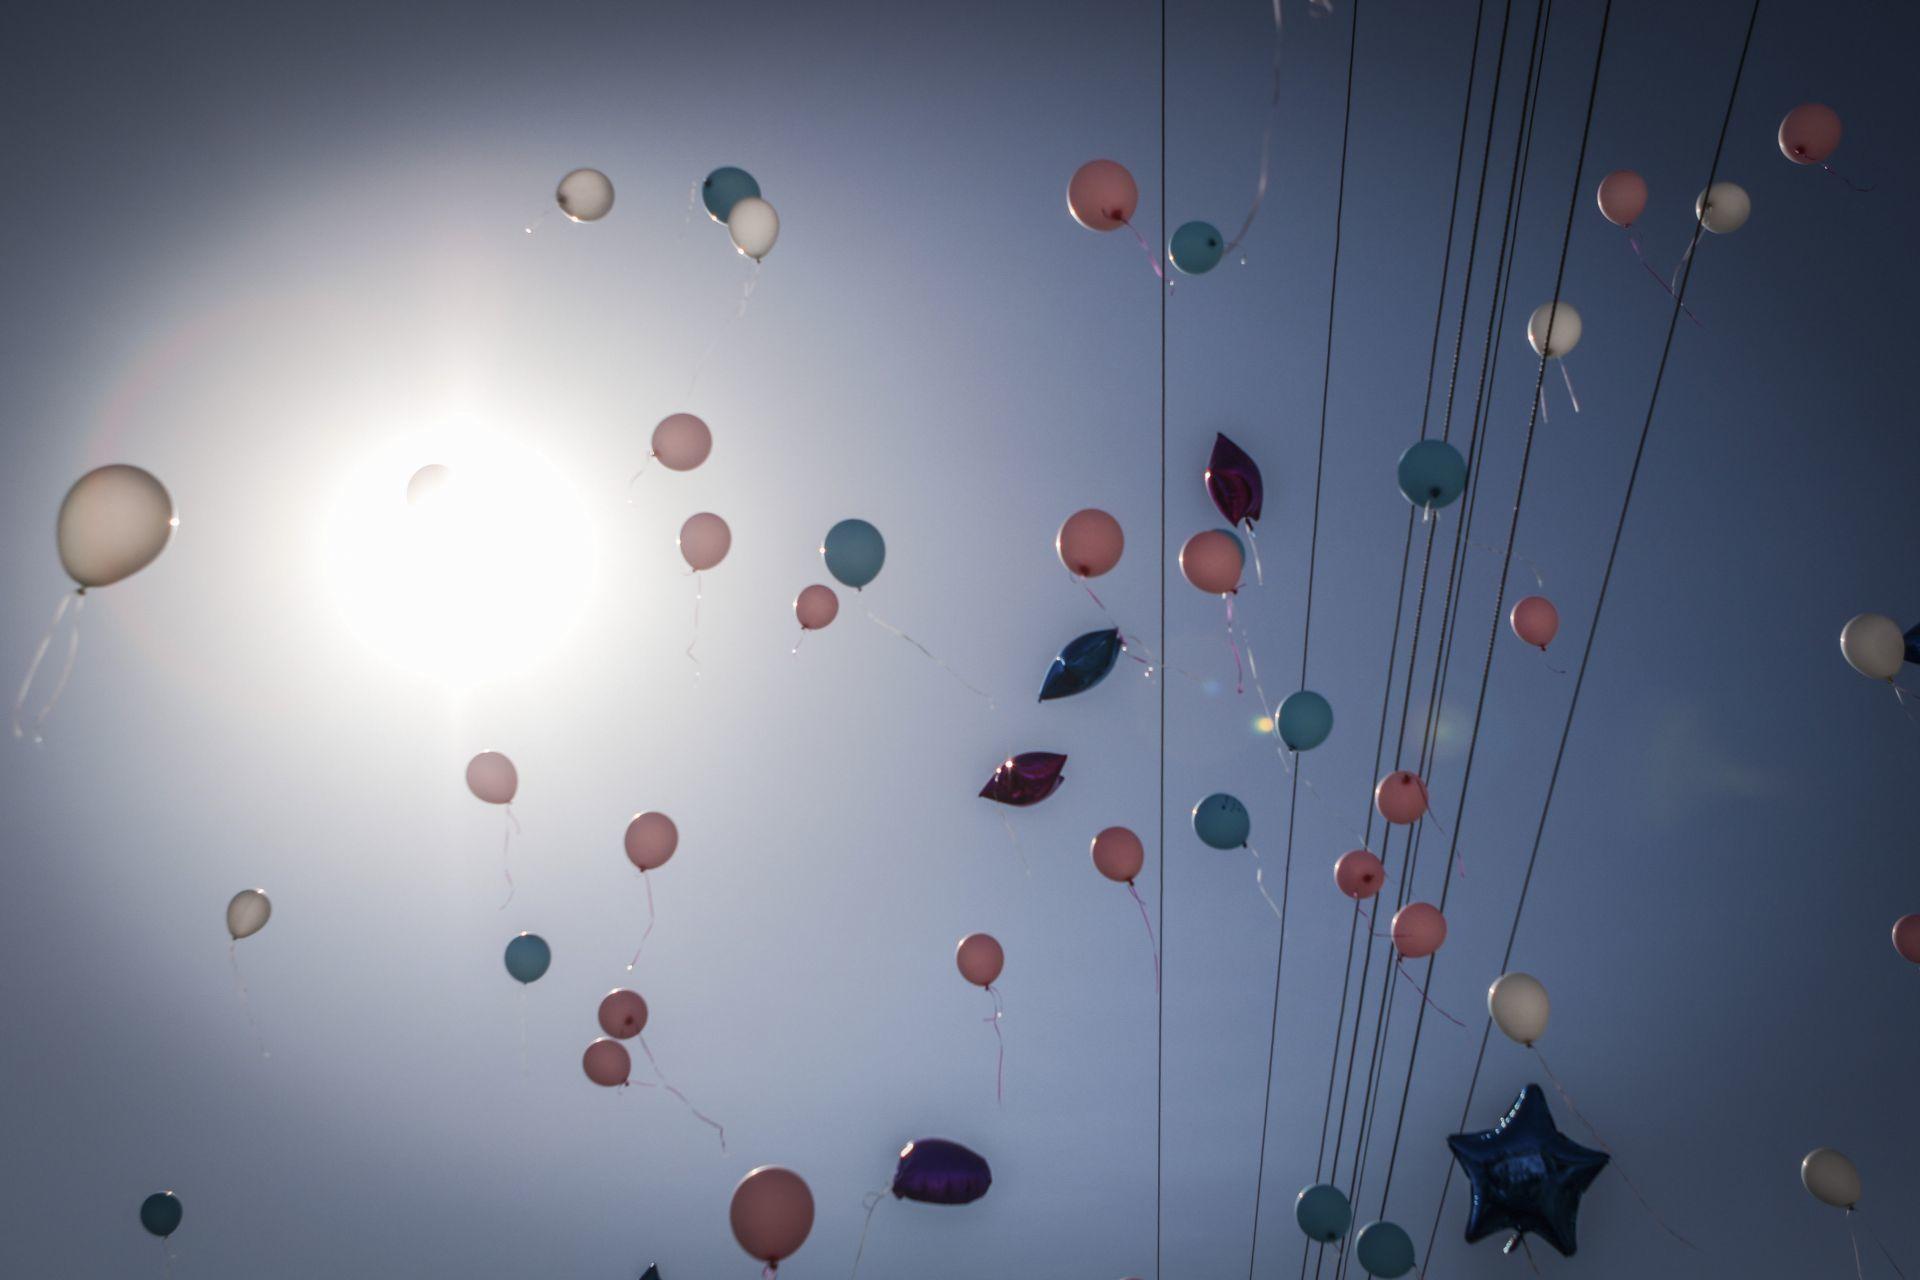 Globos volando en conmemoración a las víctimas de la Guardería ABC